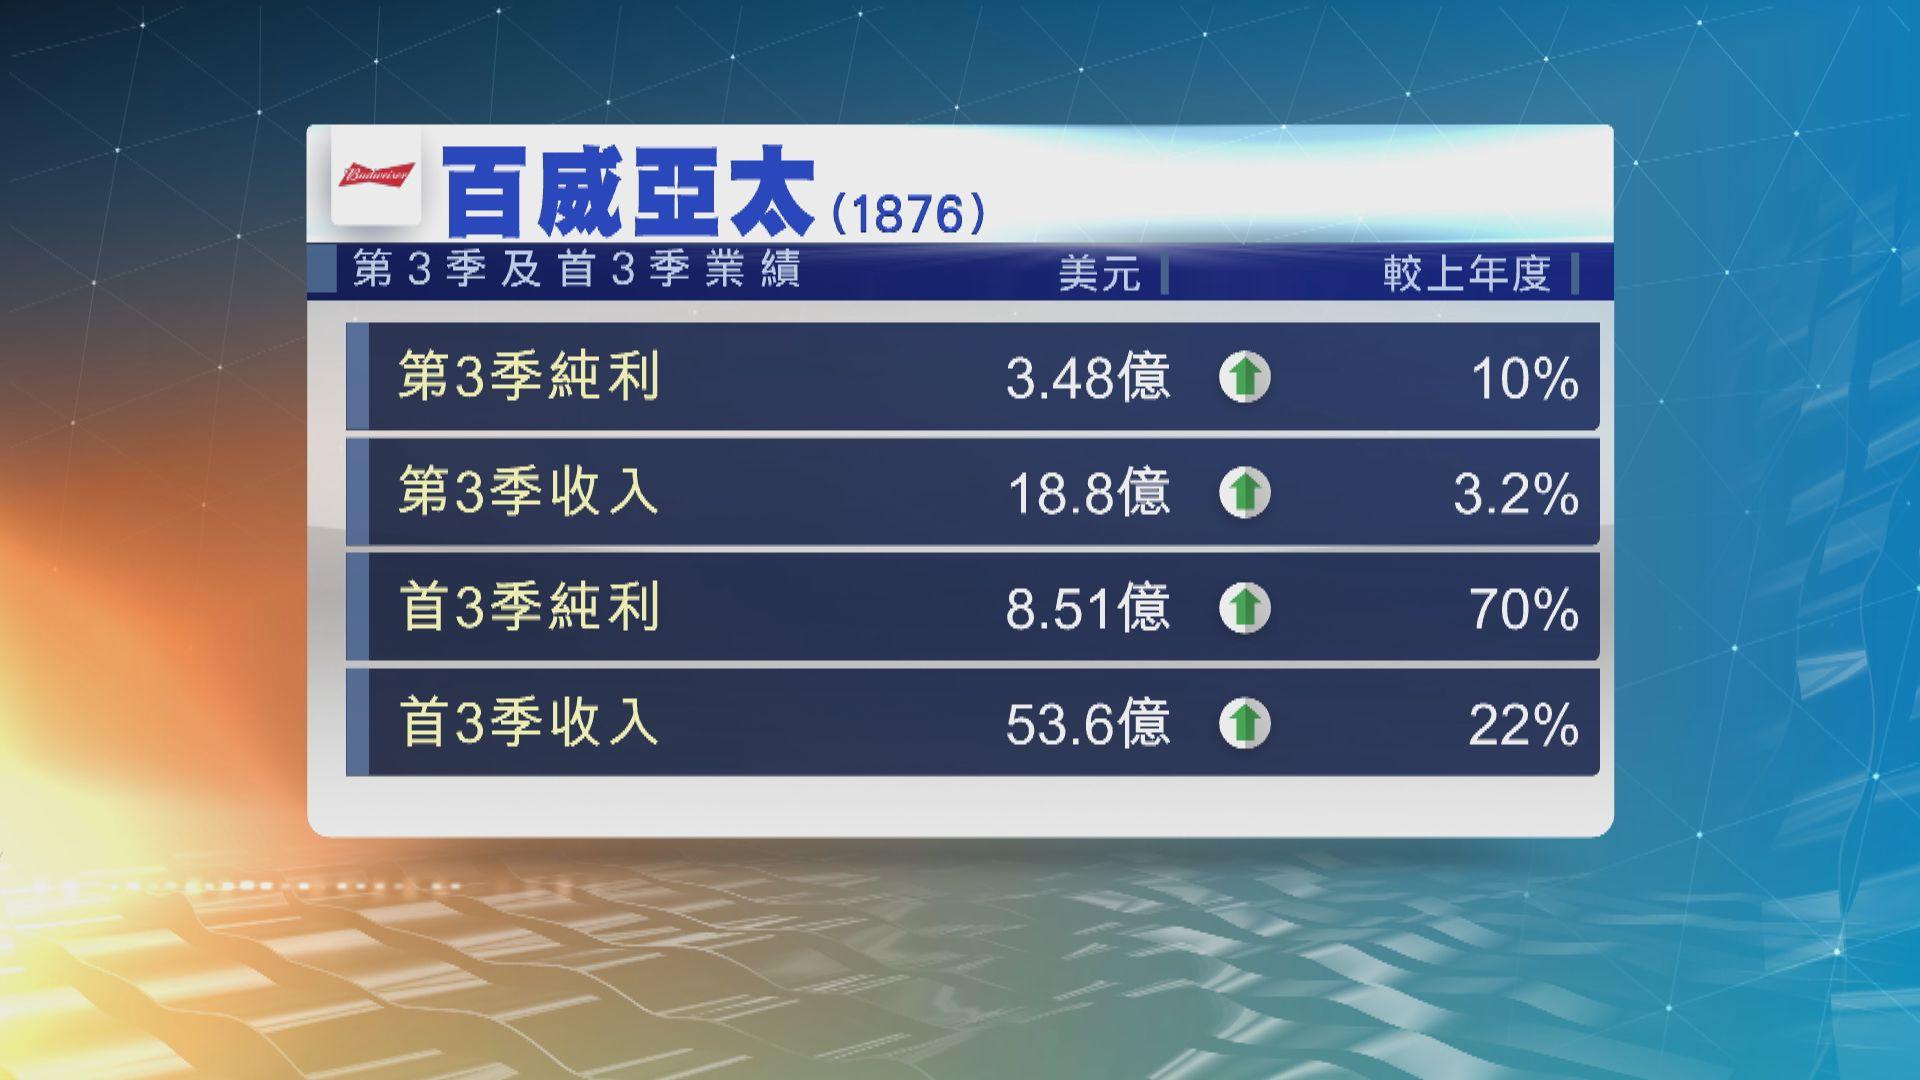 百威亞太第3季純利按年升10% 勝市場預期